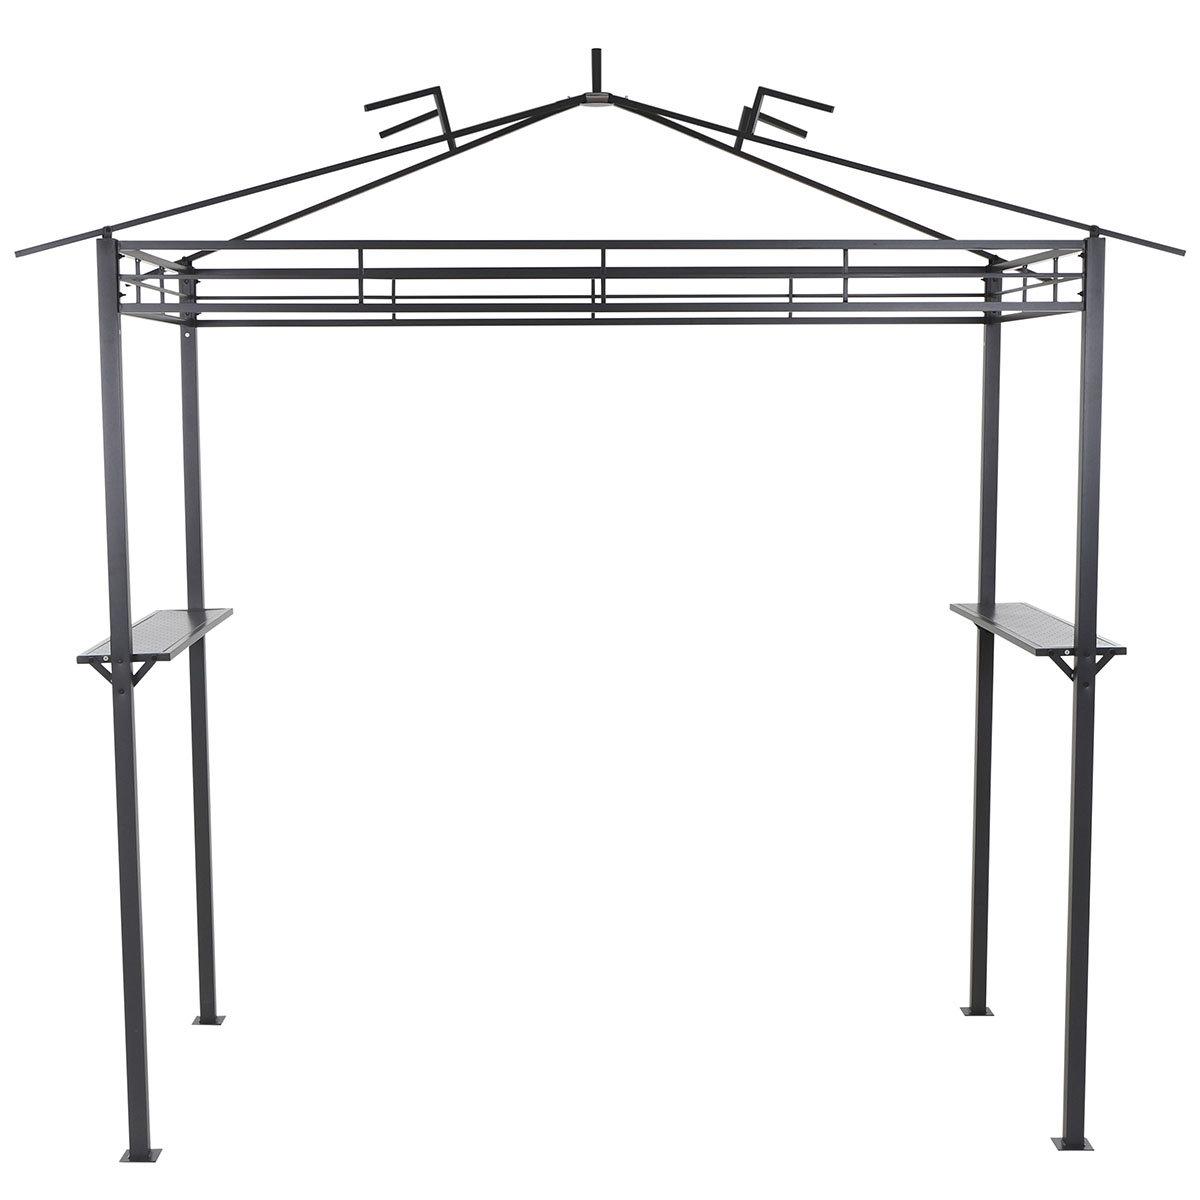 Grillpavillon mit Ablageflächen, 244x127 cm, anthrazit | #2